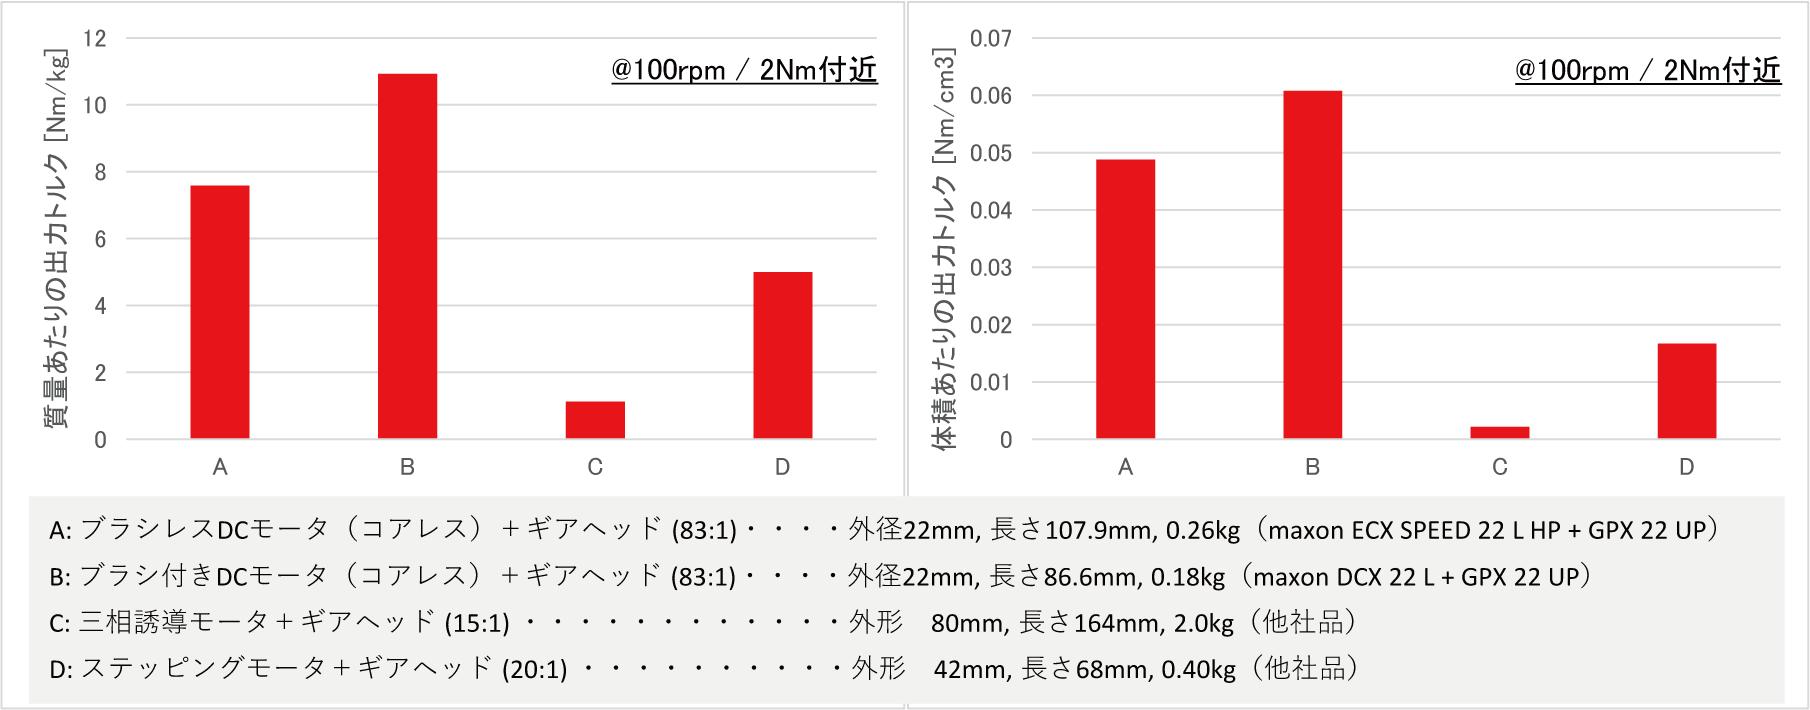 モータ+ギアヘッドの組合せ比較